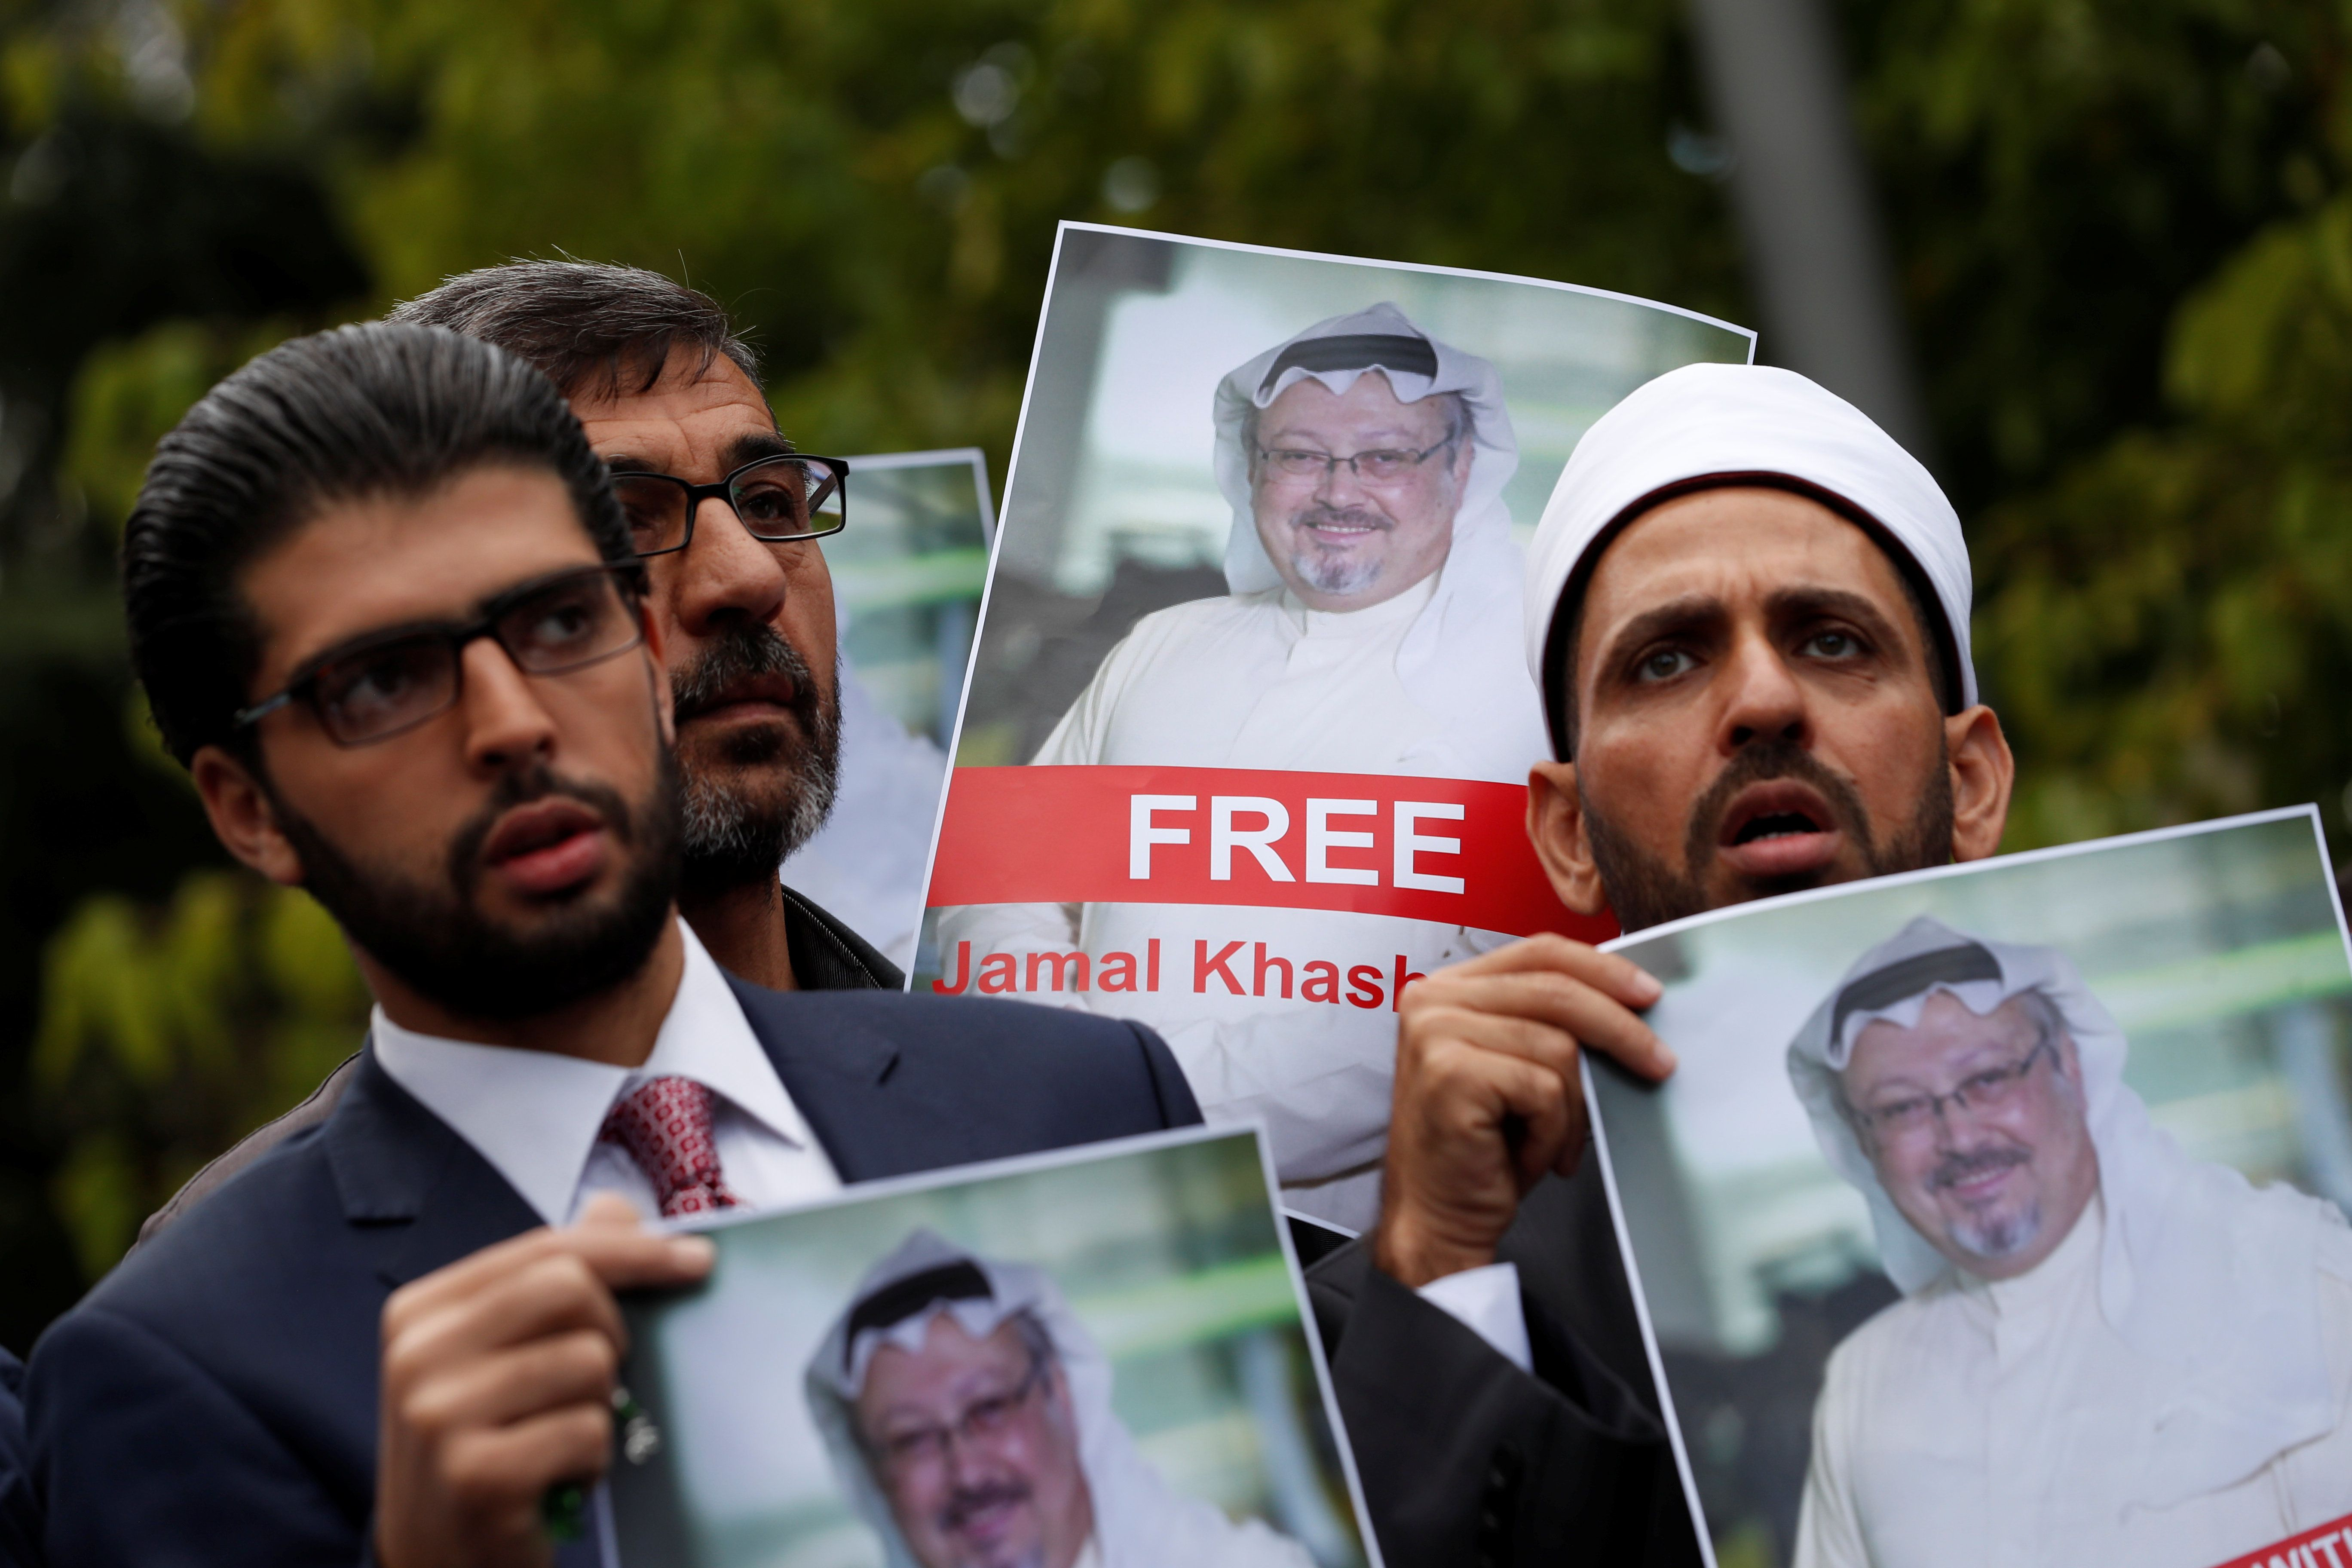 Ce que l'on sait de la mystérieuse disparition du journaliste Jamal Khashoggi